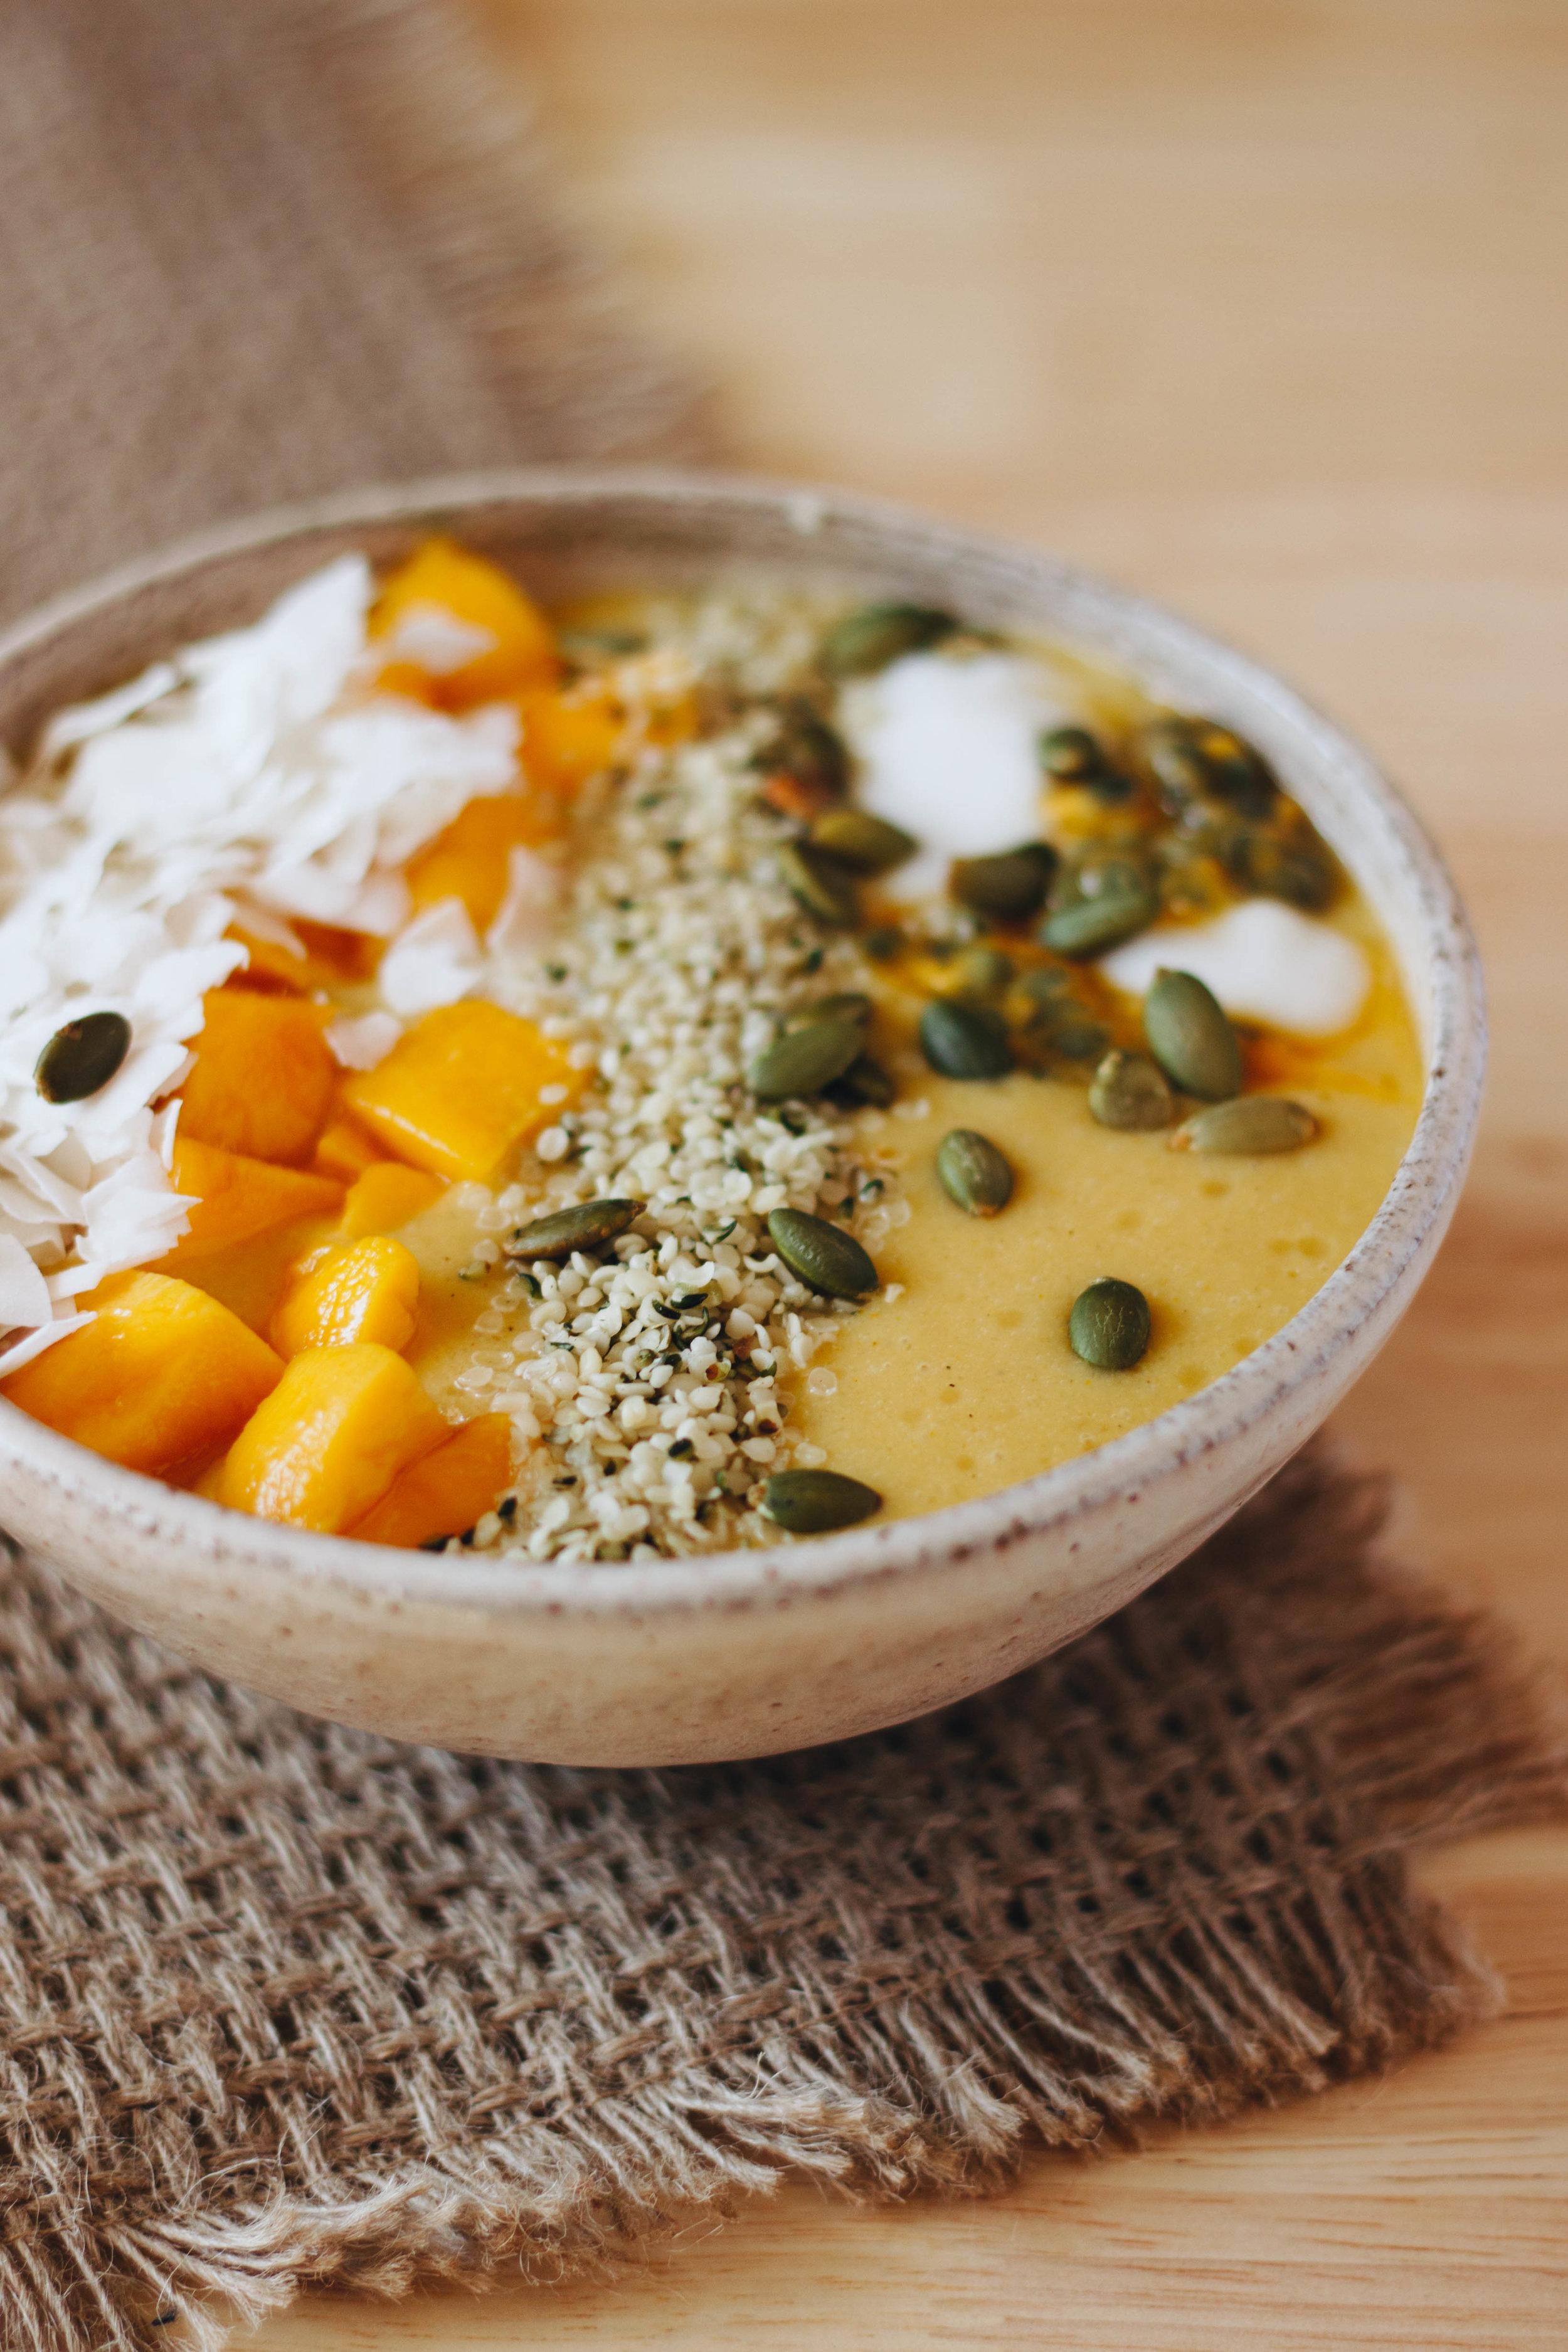 smoothie-nicaragua-vegan-sante-vegetarien-plage-tropiques-food-photographer-photographe-culinaire-mangue